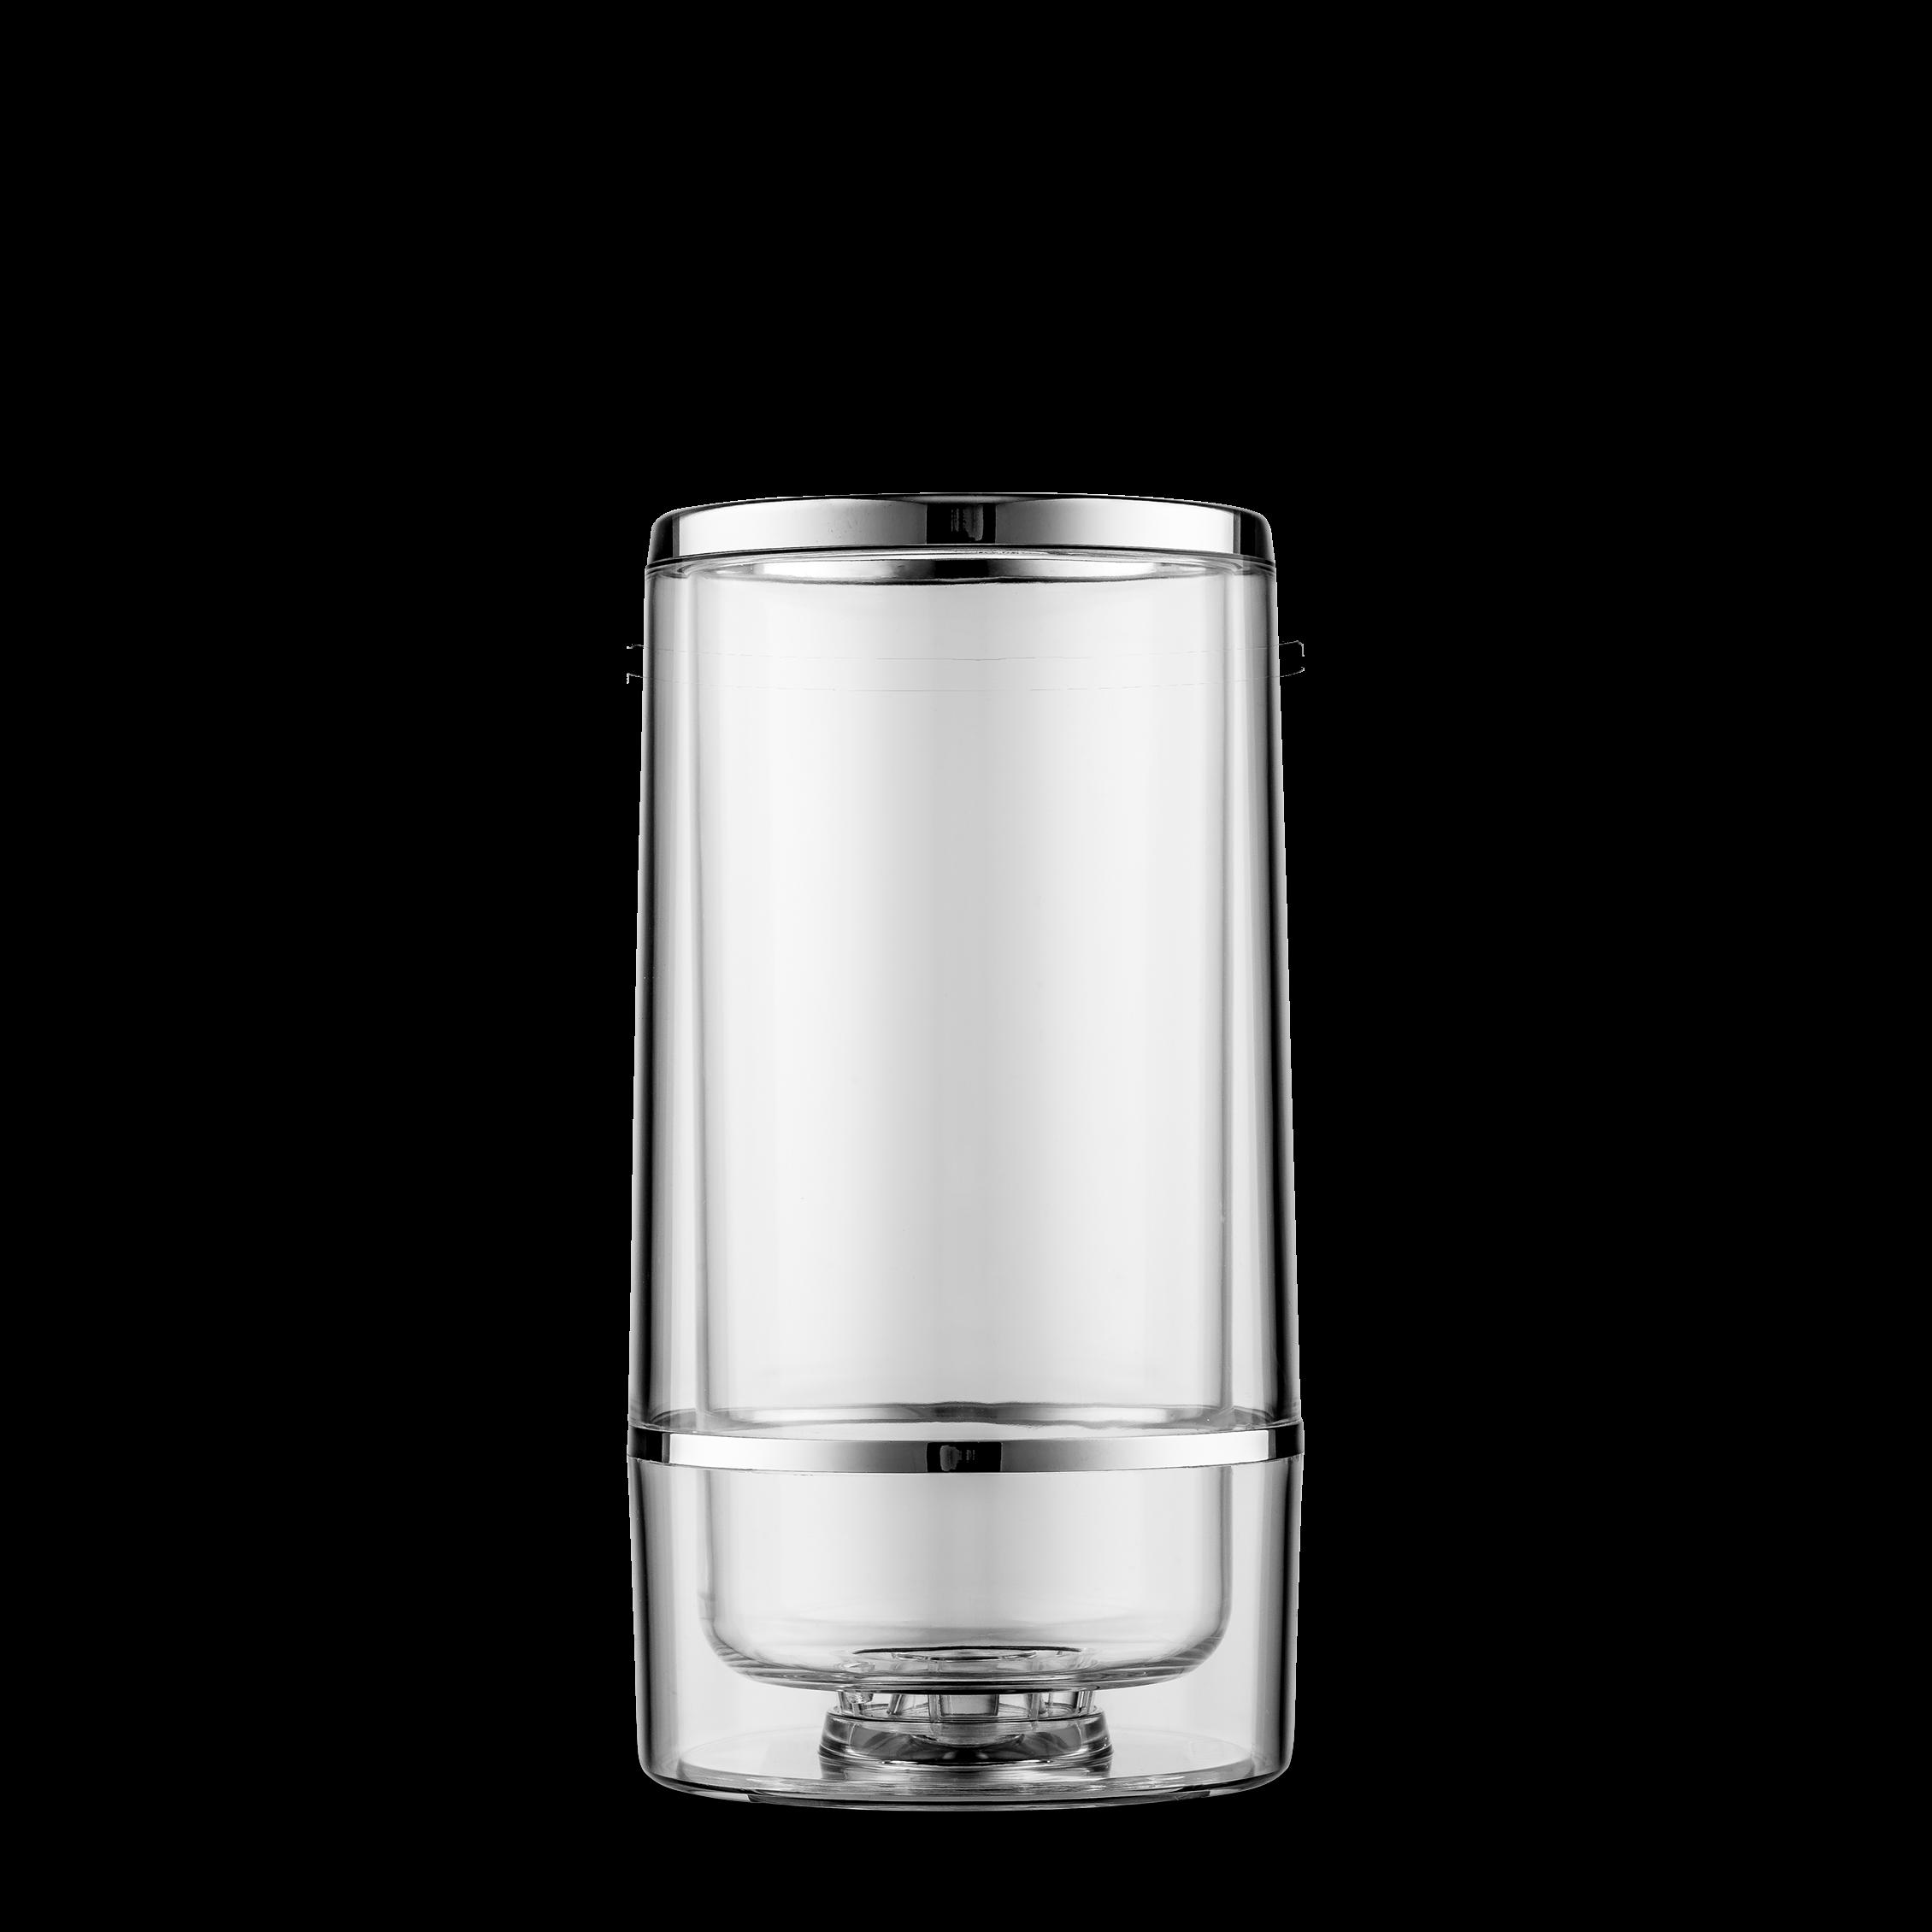 Flaschenkühler classic 1ltr. Zubehör